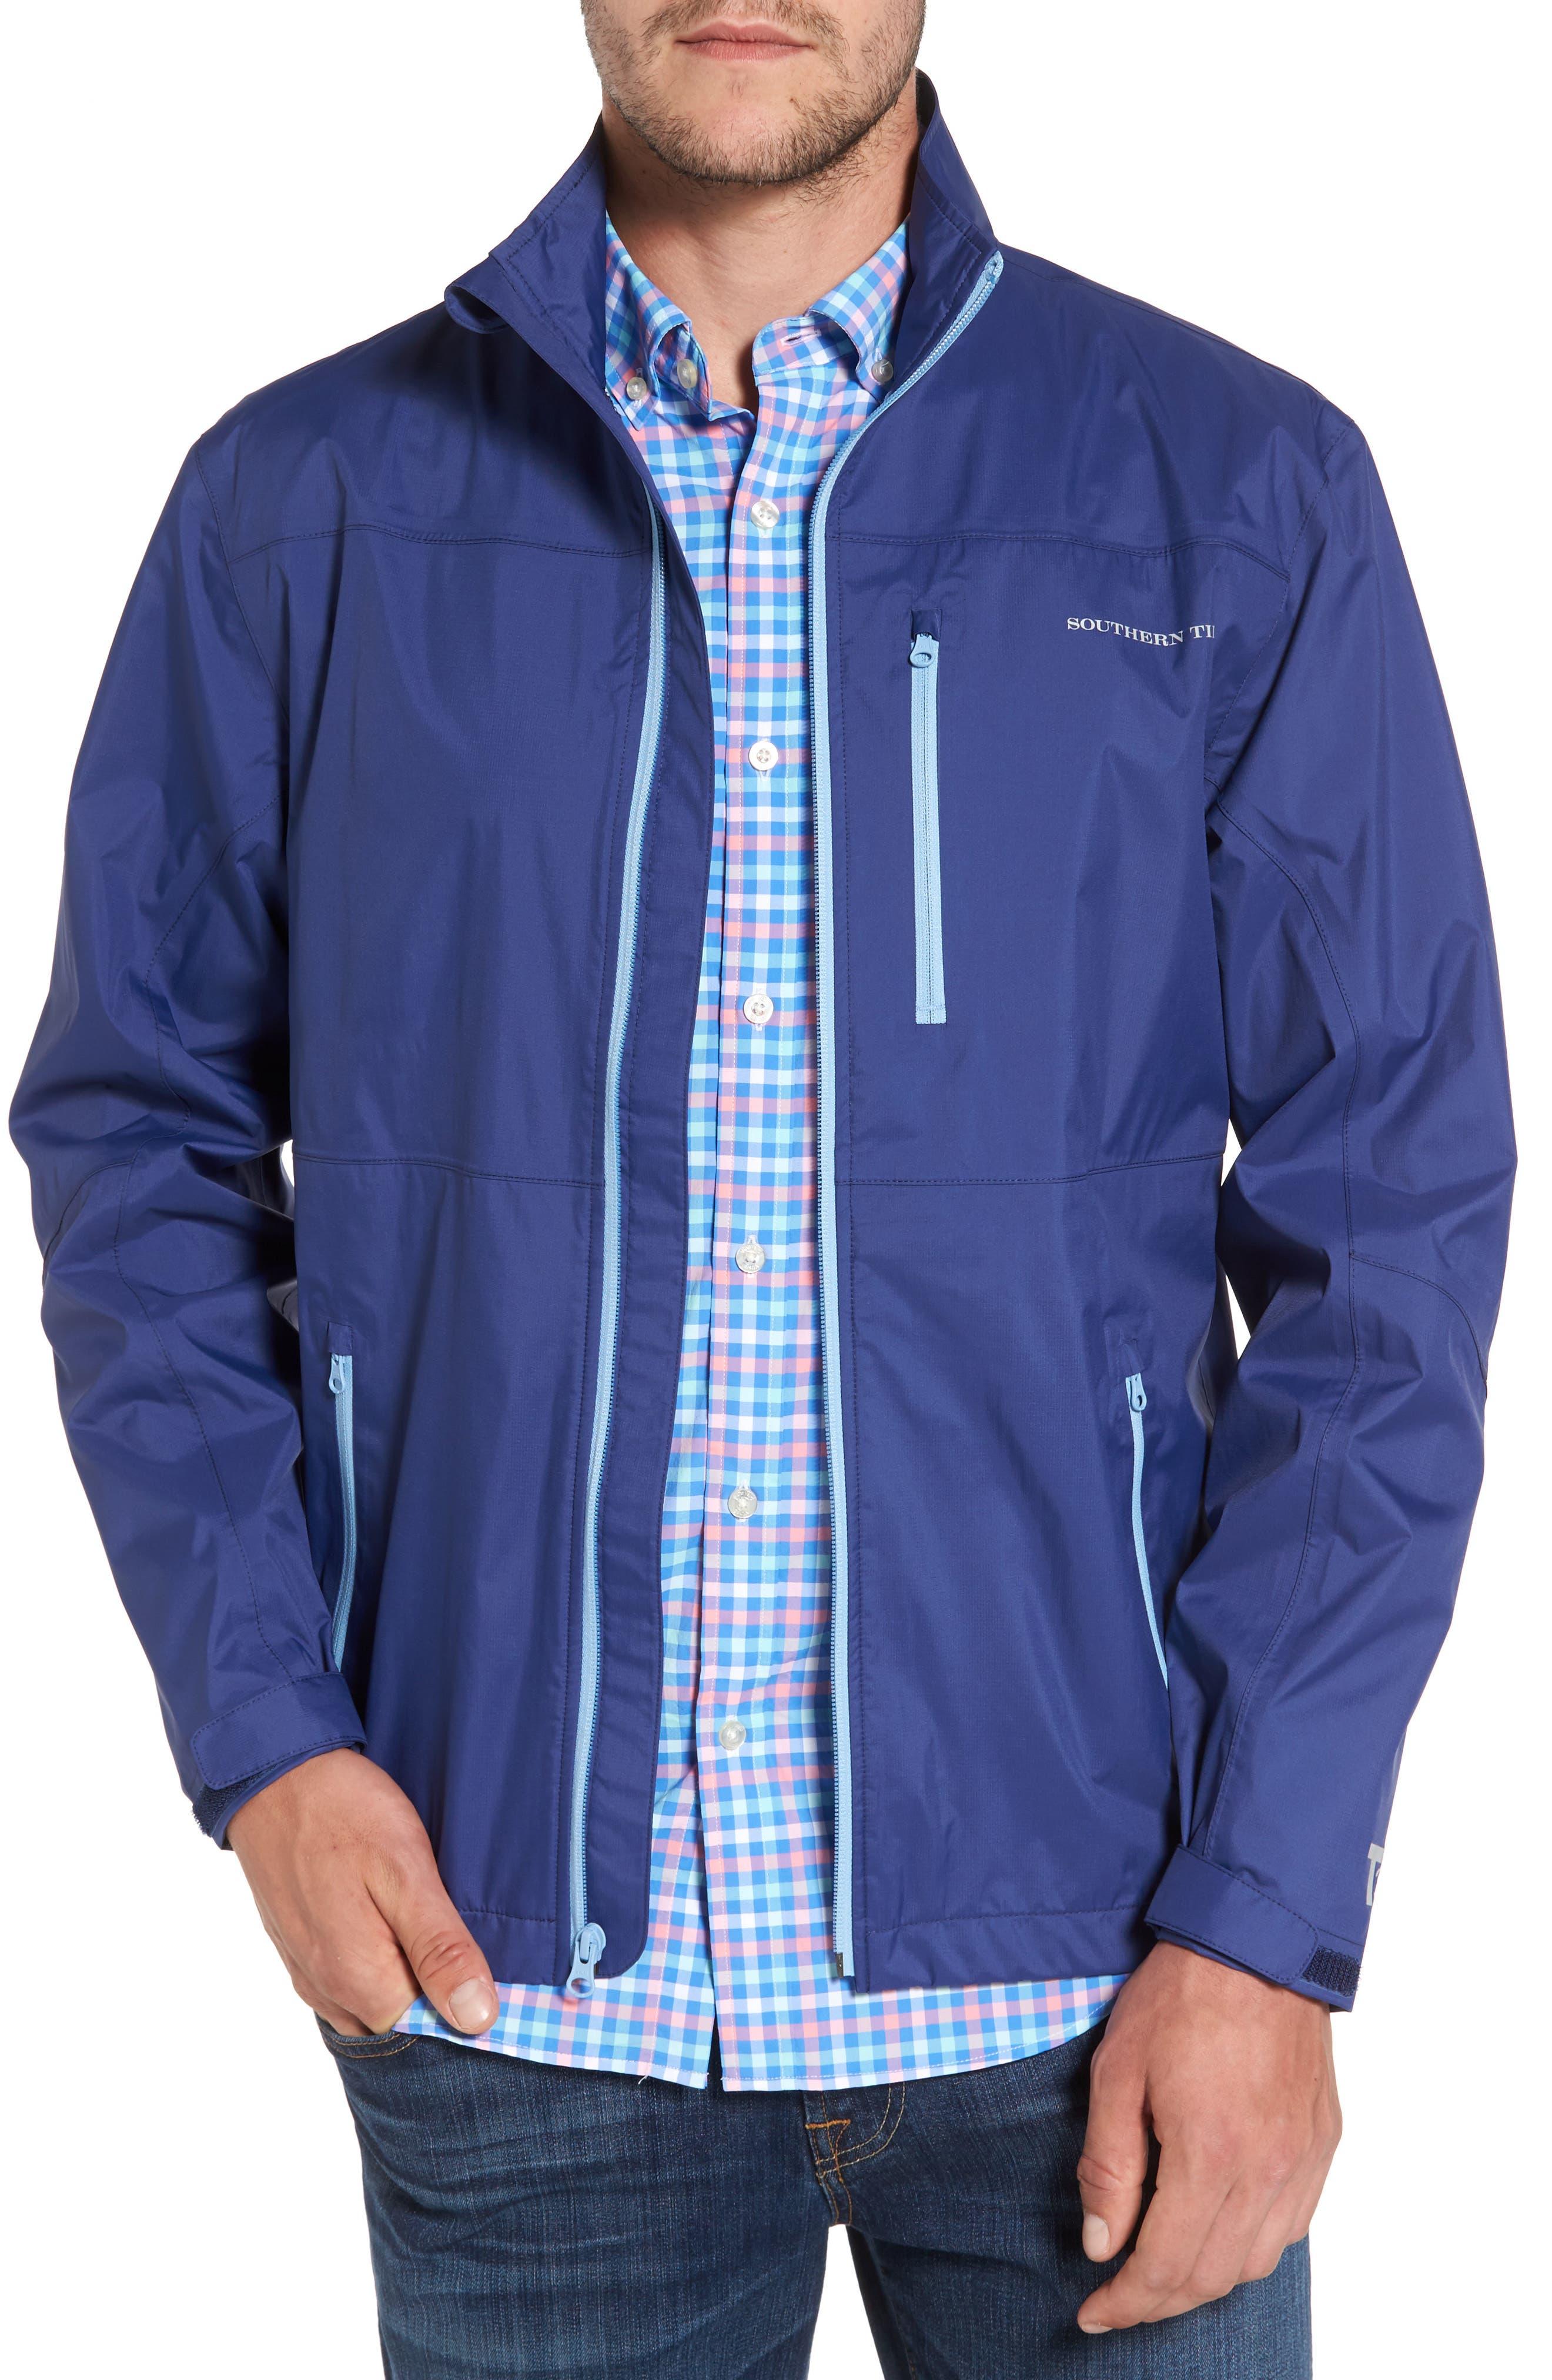 Southern Tide Southport Jacket